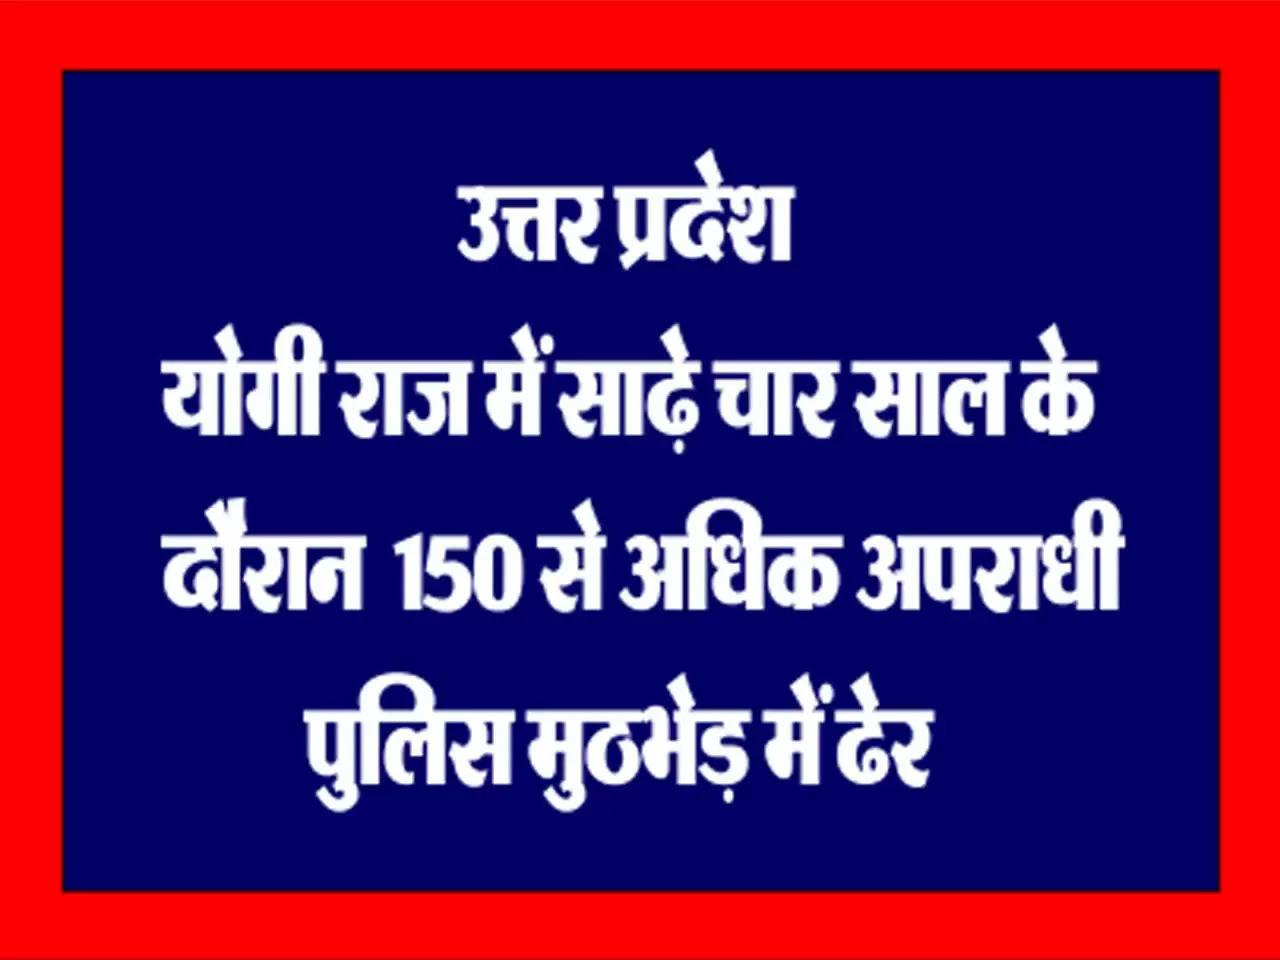 उत्तर प्रदेश : योगी राज में साढ़े चार साल के दौरान 150 से अधिक अपराधी पुलिस मुठभेड़ में ढेर